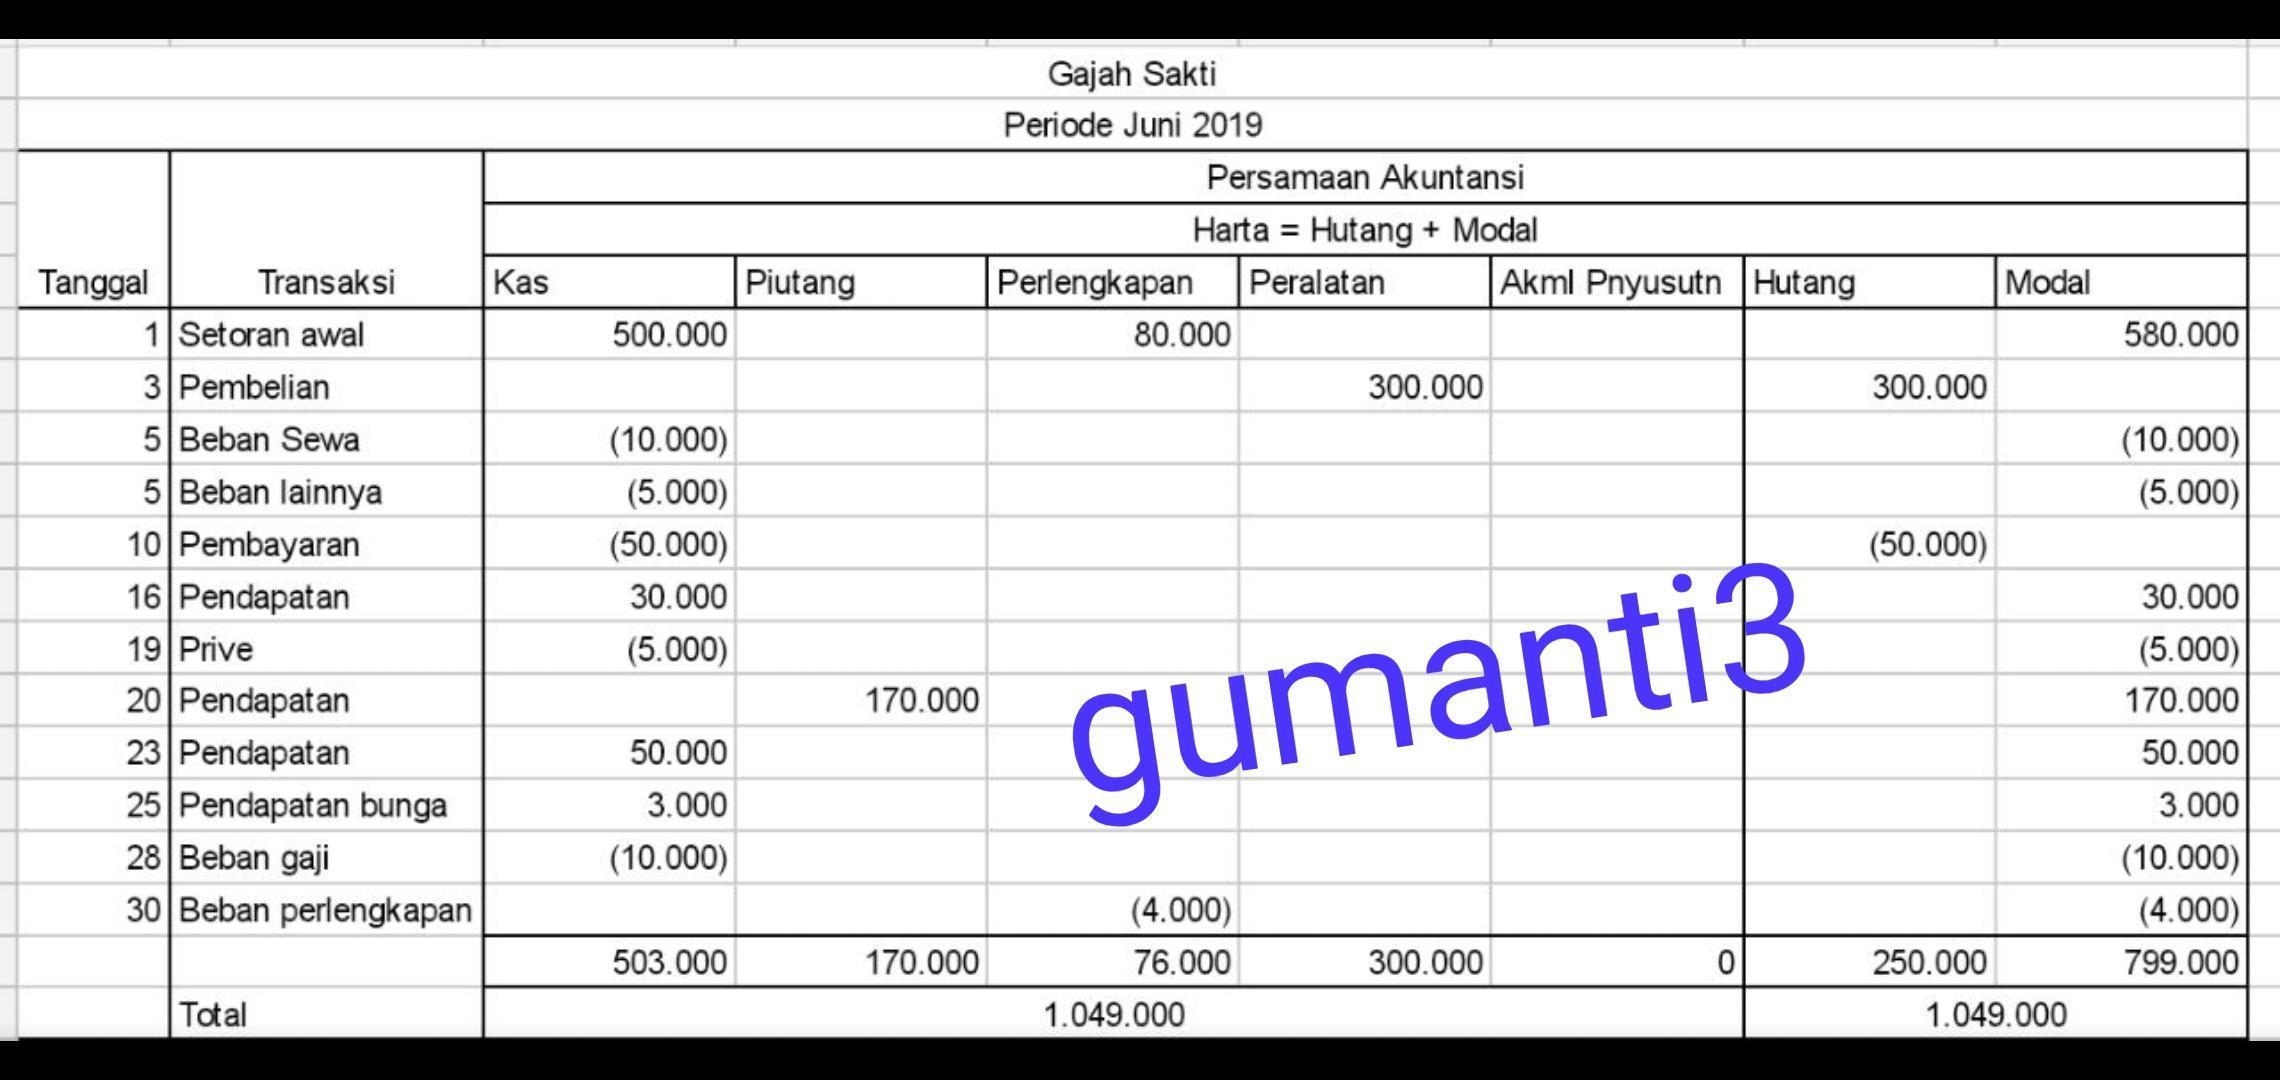 Contoh Soal Persamaan Dasar Akuntansi 25 Transaksi